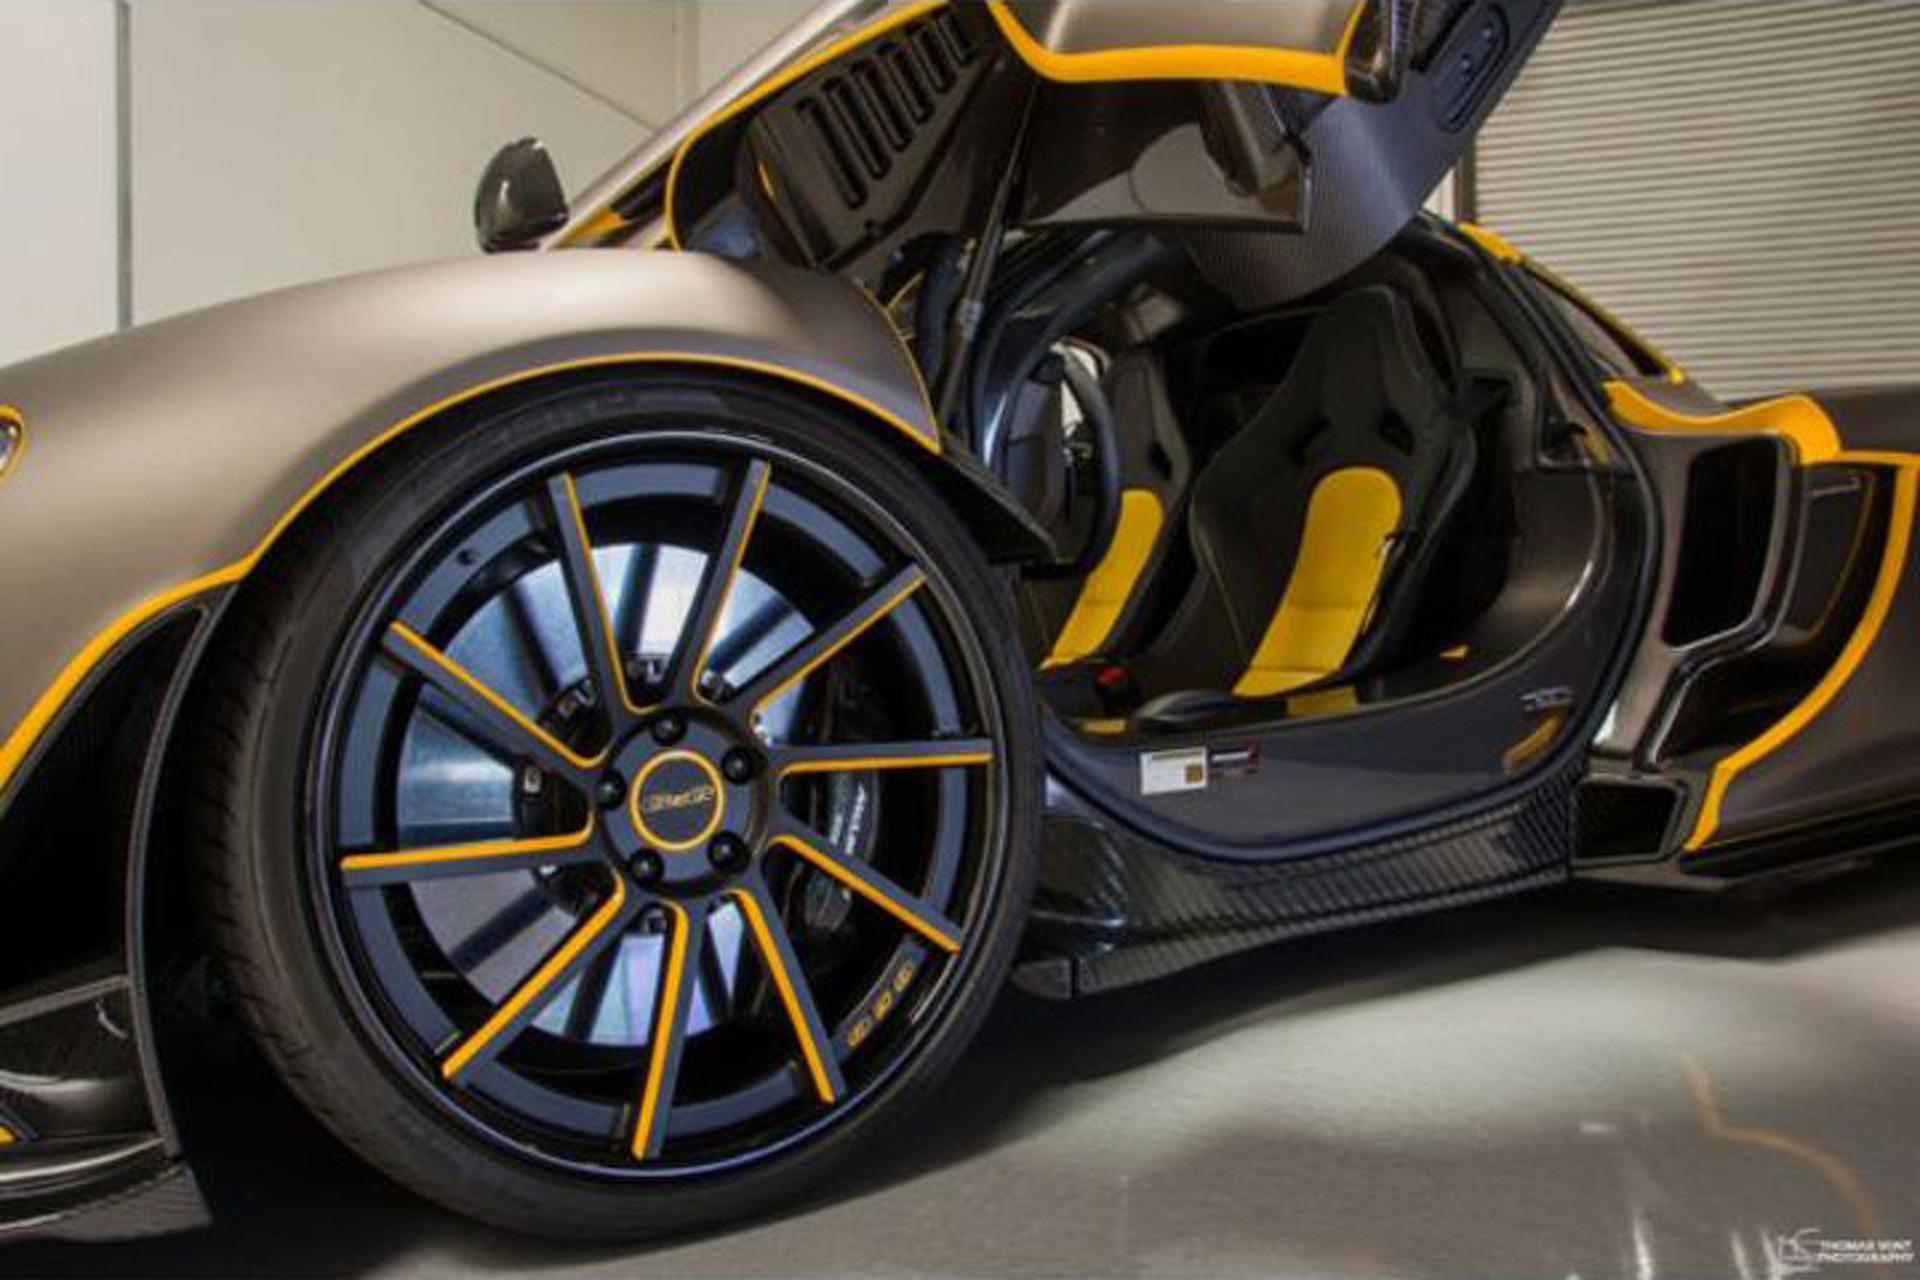 McLaren P1 Hypercar Shows Up on eBay, It's Not Cheap